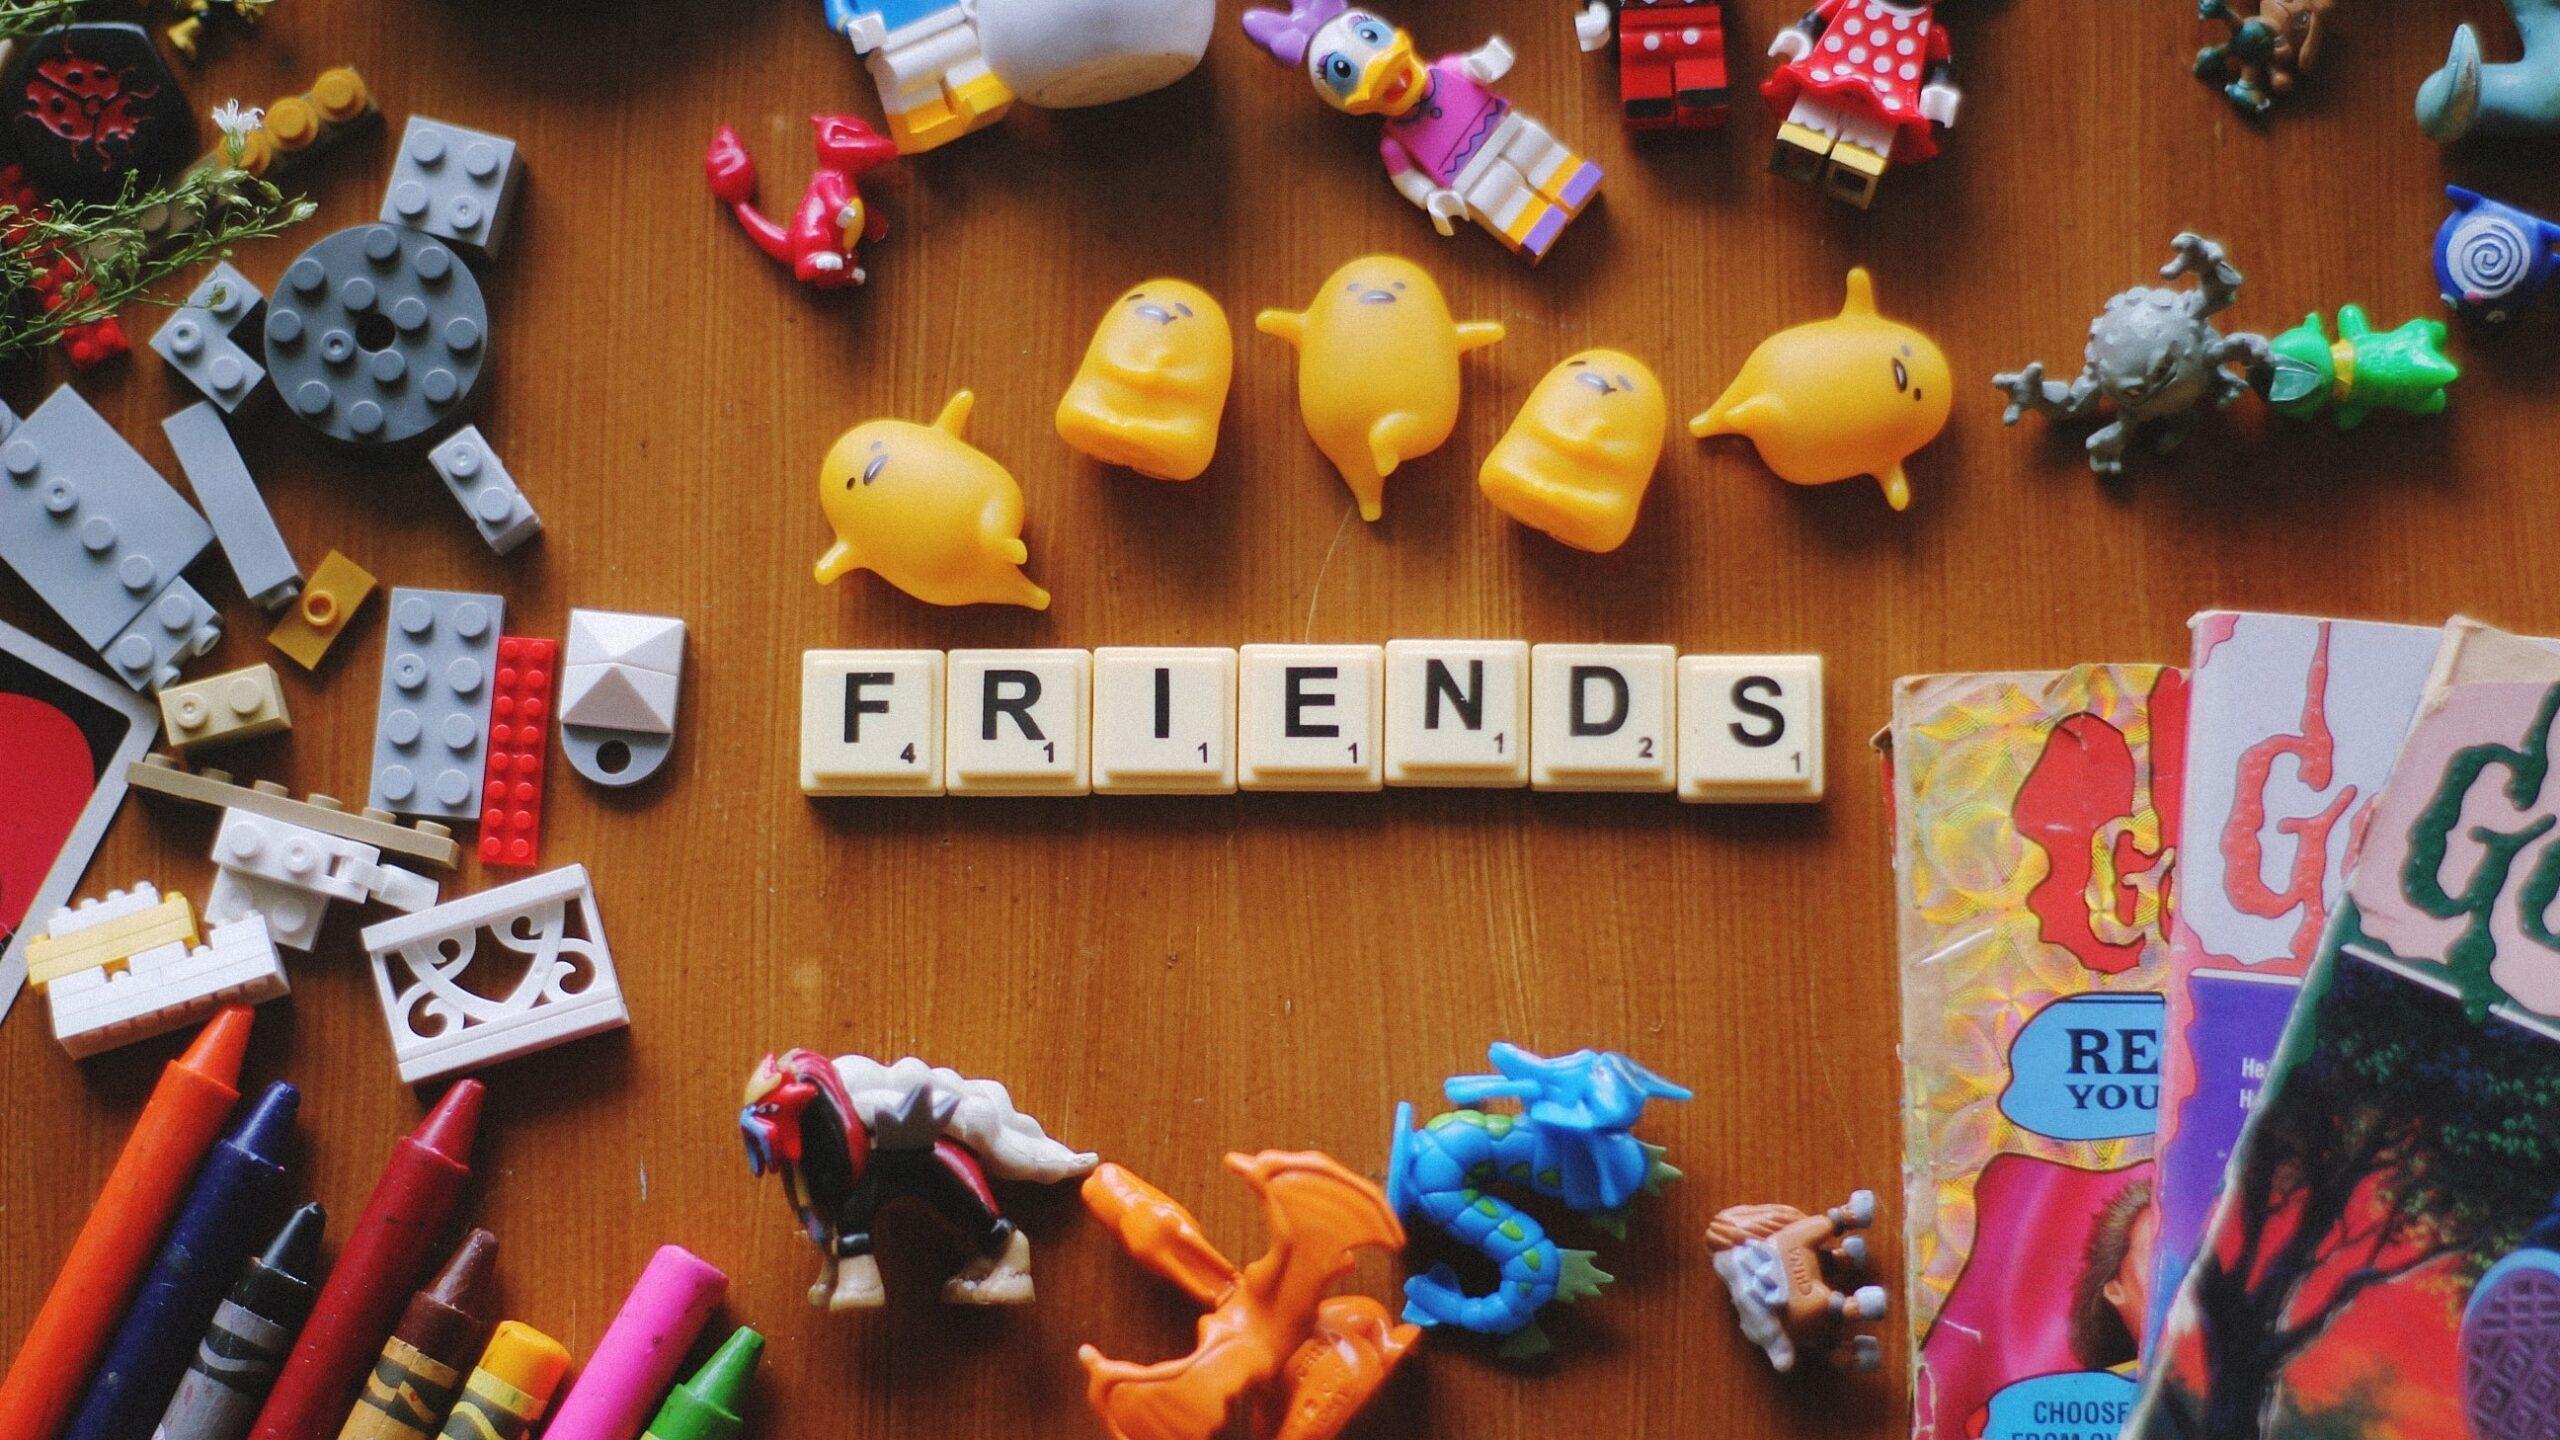 Jon the Friend of Friends (Friendship)